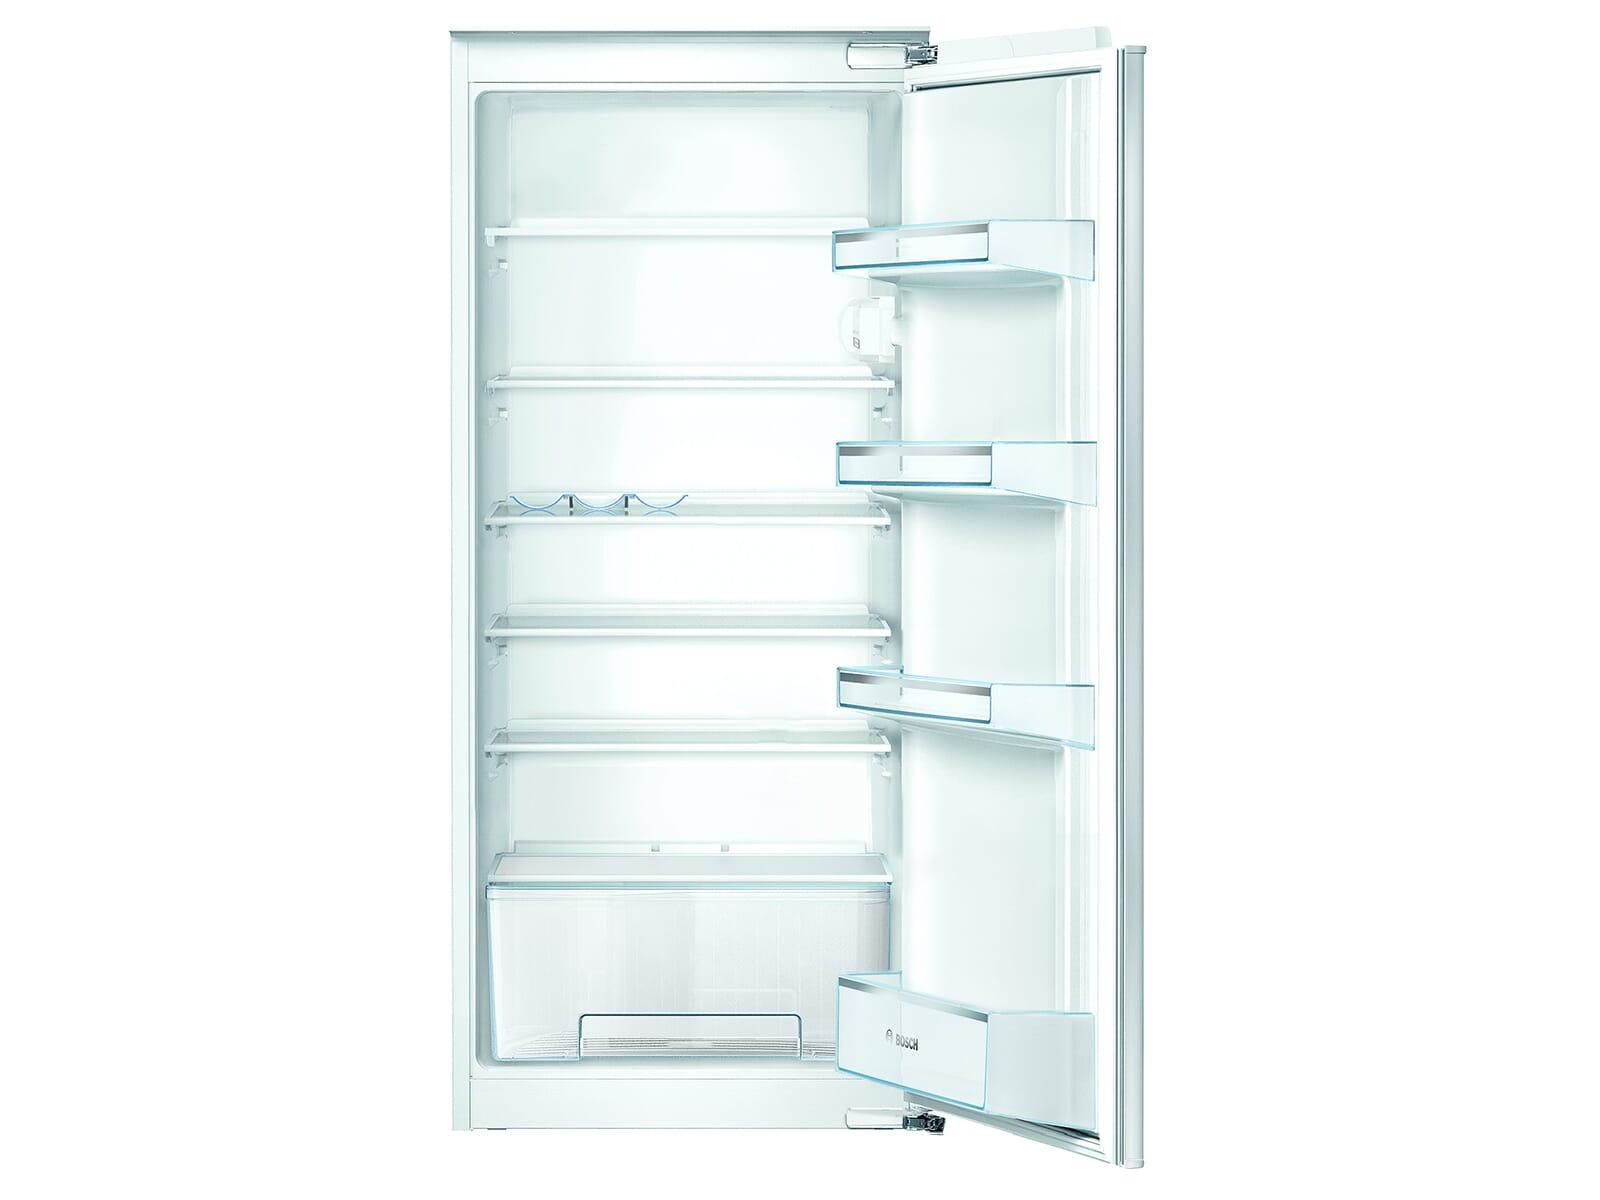 Bosch KIR24NFF0 Einbaukühlschrank